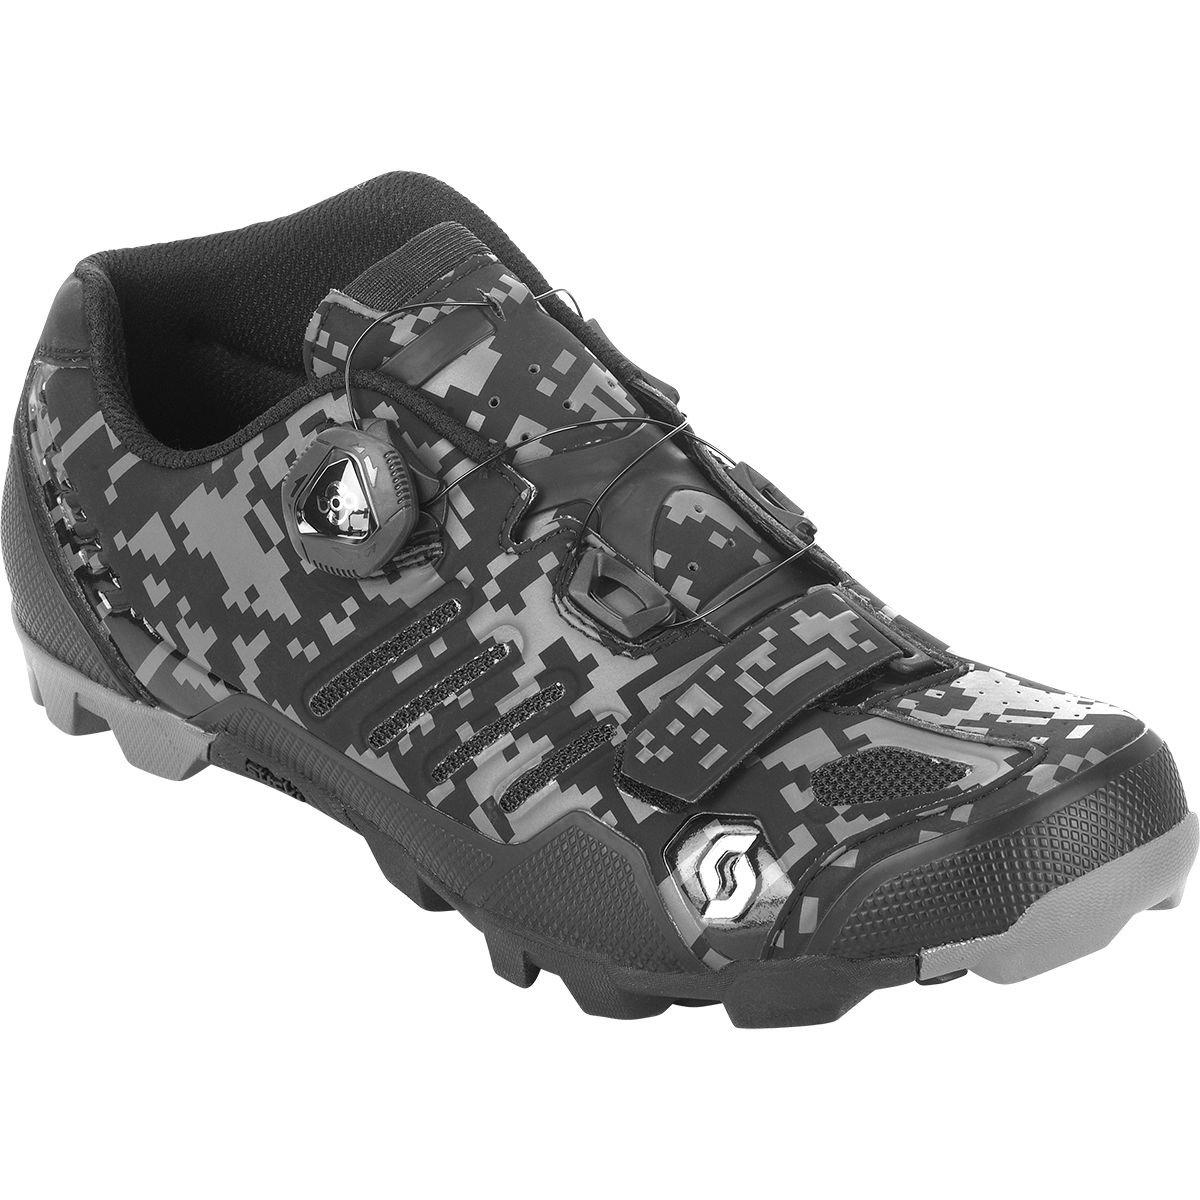 スコットMTB shr-alp RS靴 – Men 'sマットブラック/マット無煙炭、44.0   B078Z13M4M